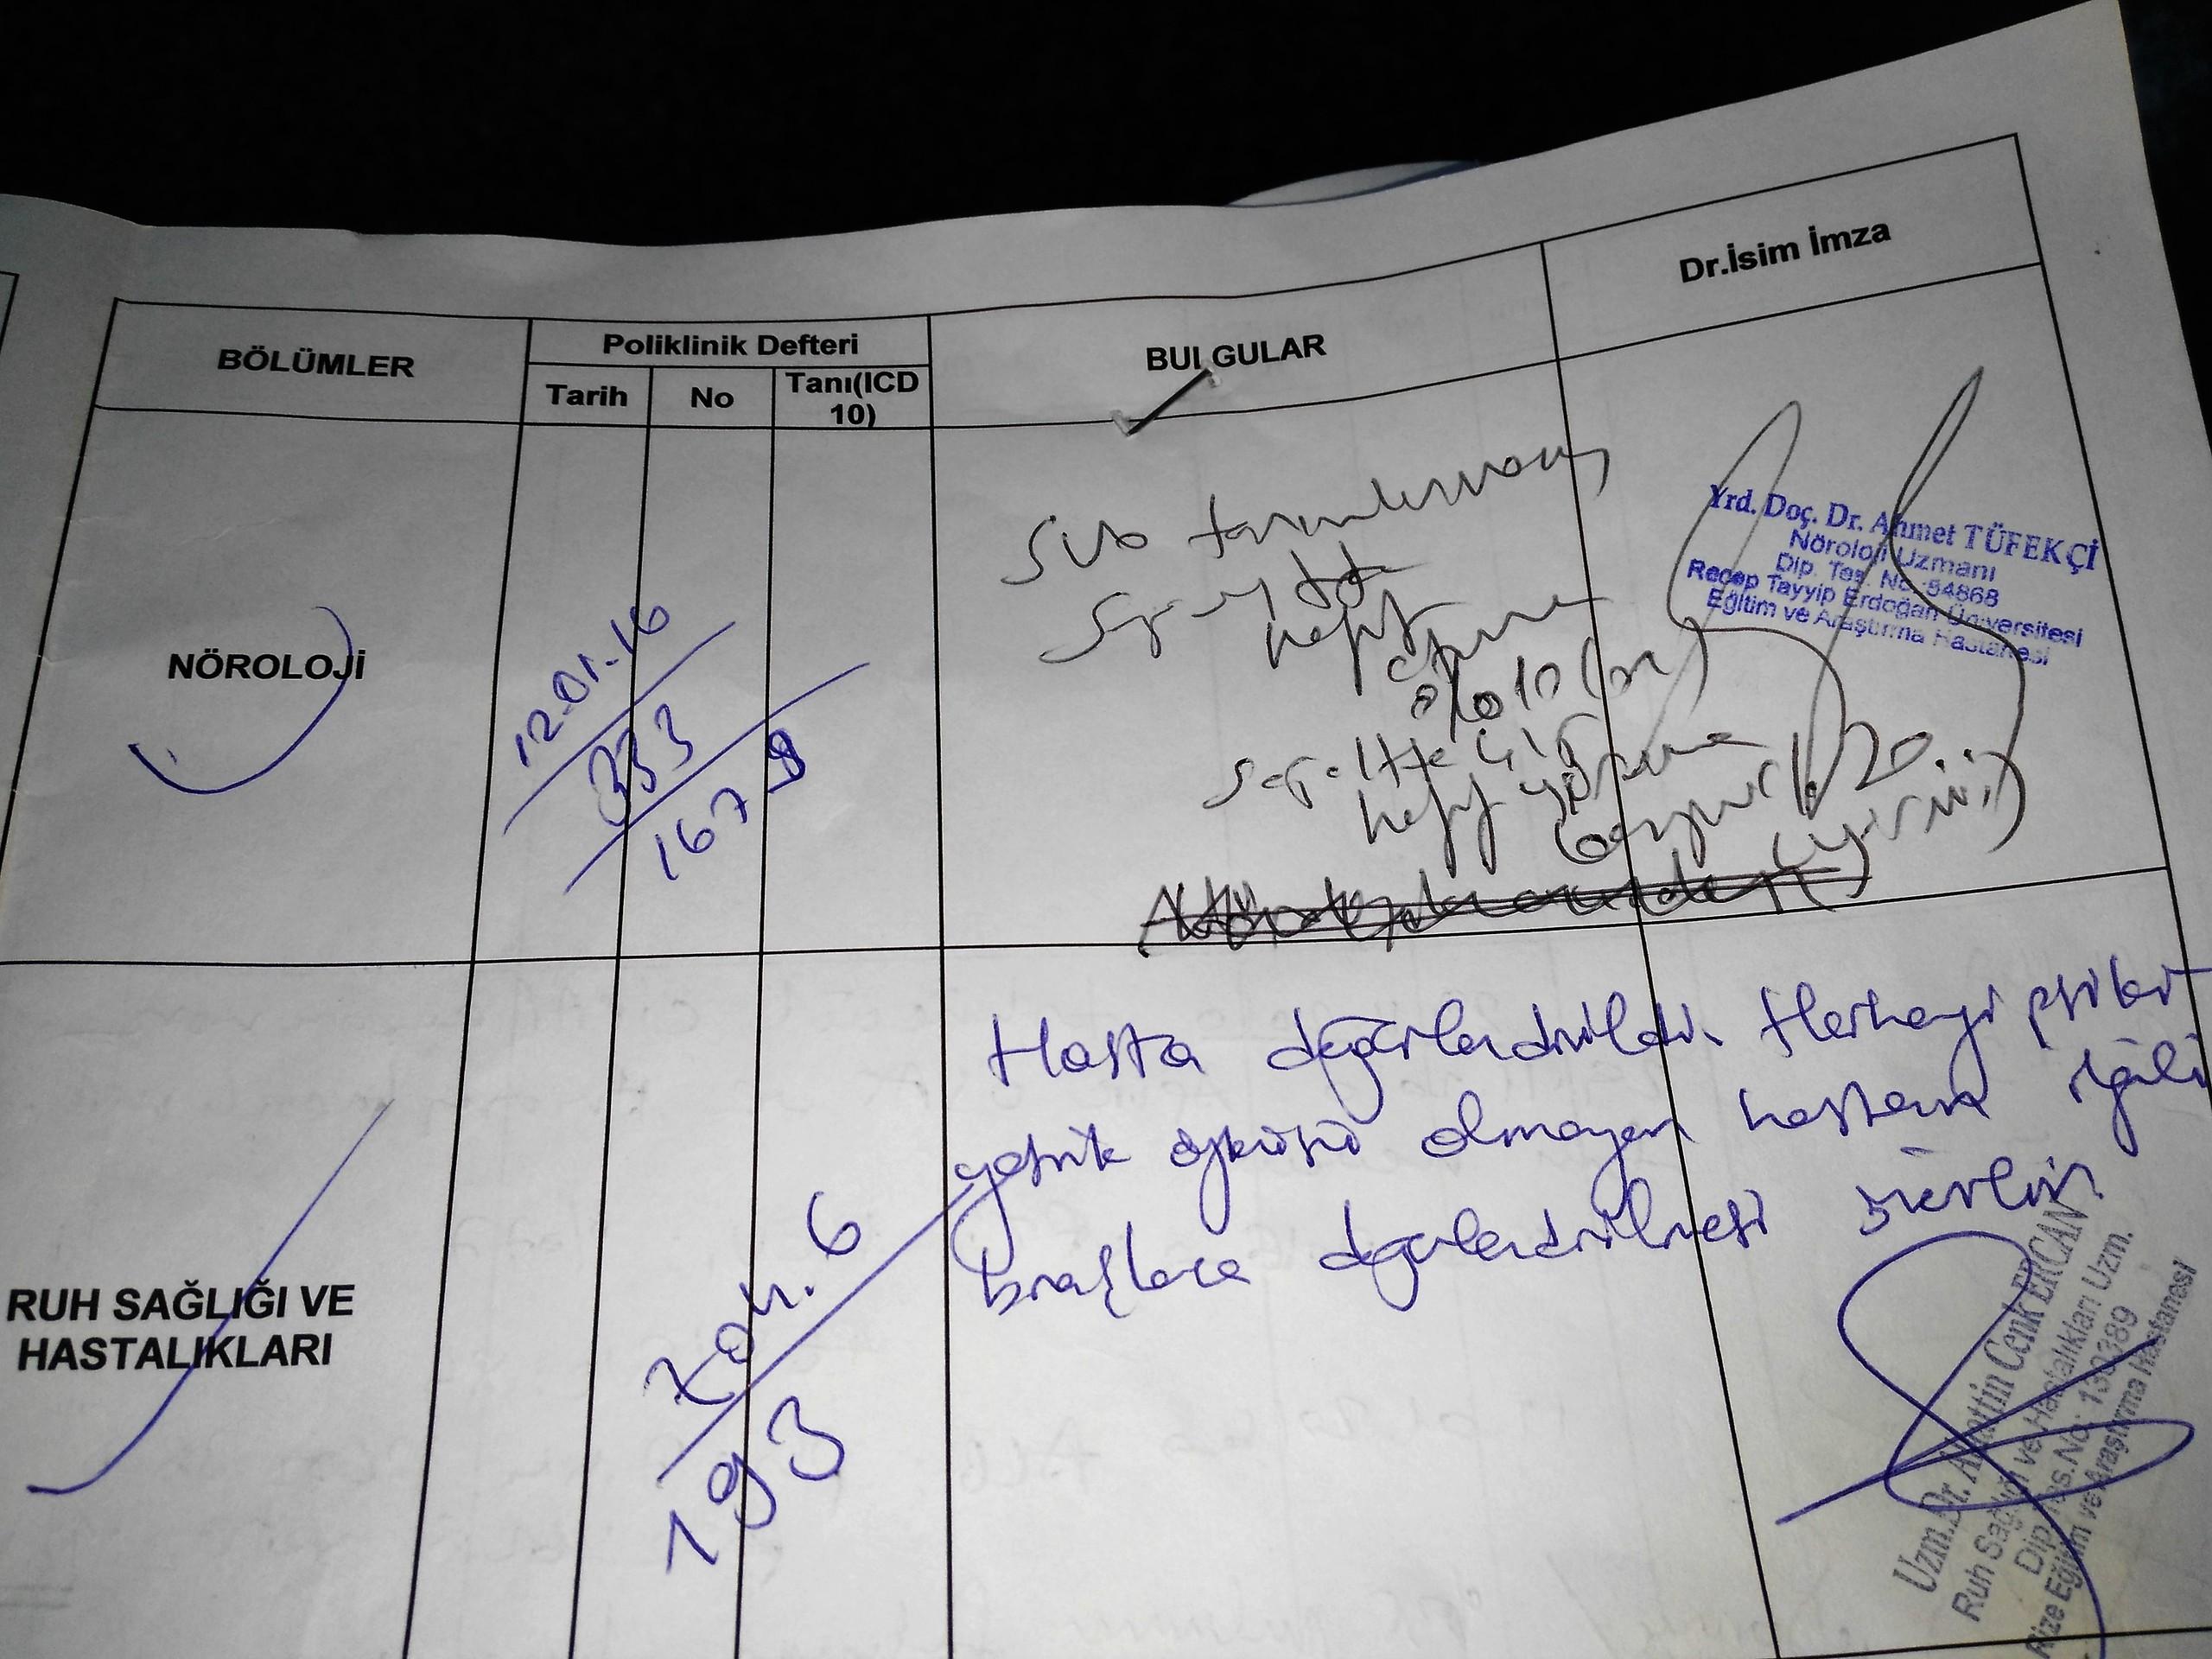 W10BkL - Babamın rahatsızlıklarından dolayı ÖTV indirimi için yeterli oranda rapor..?